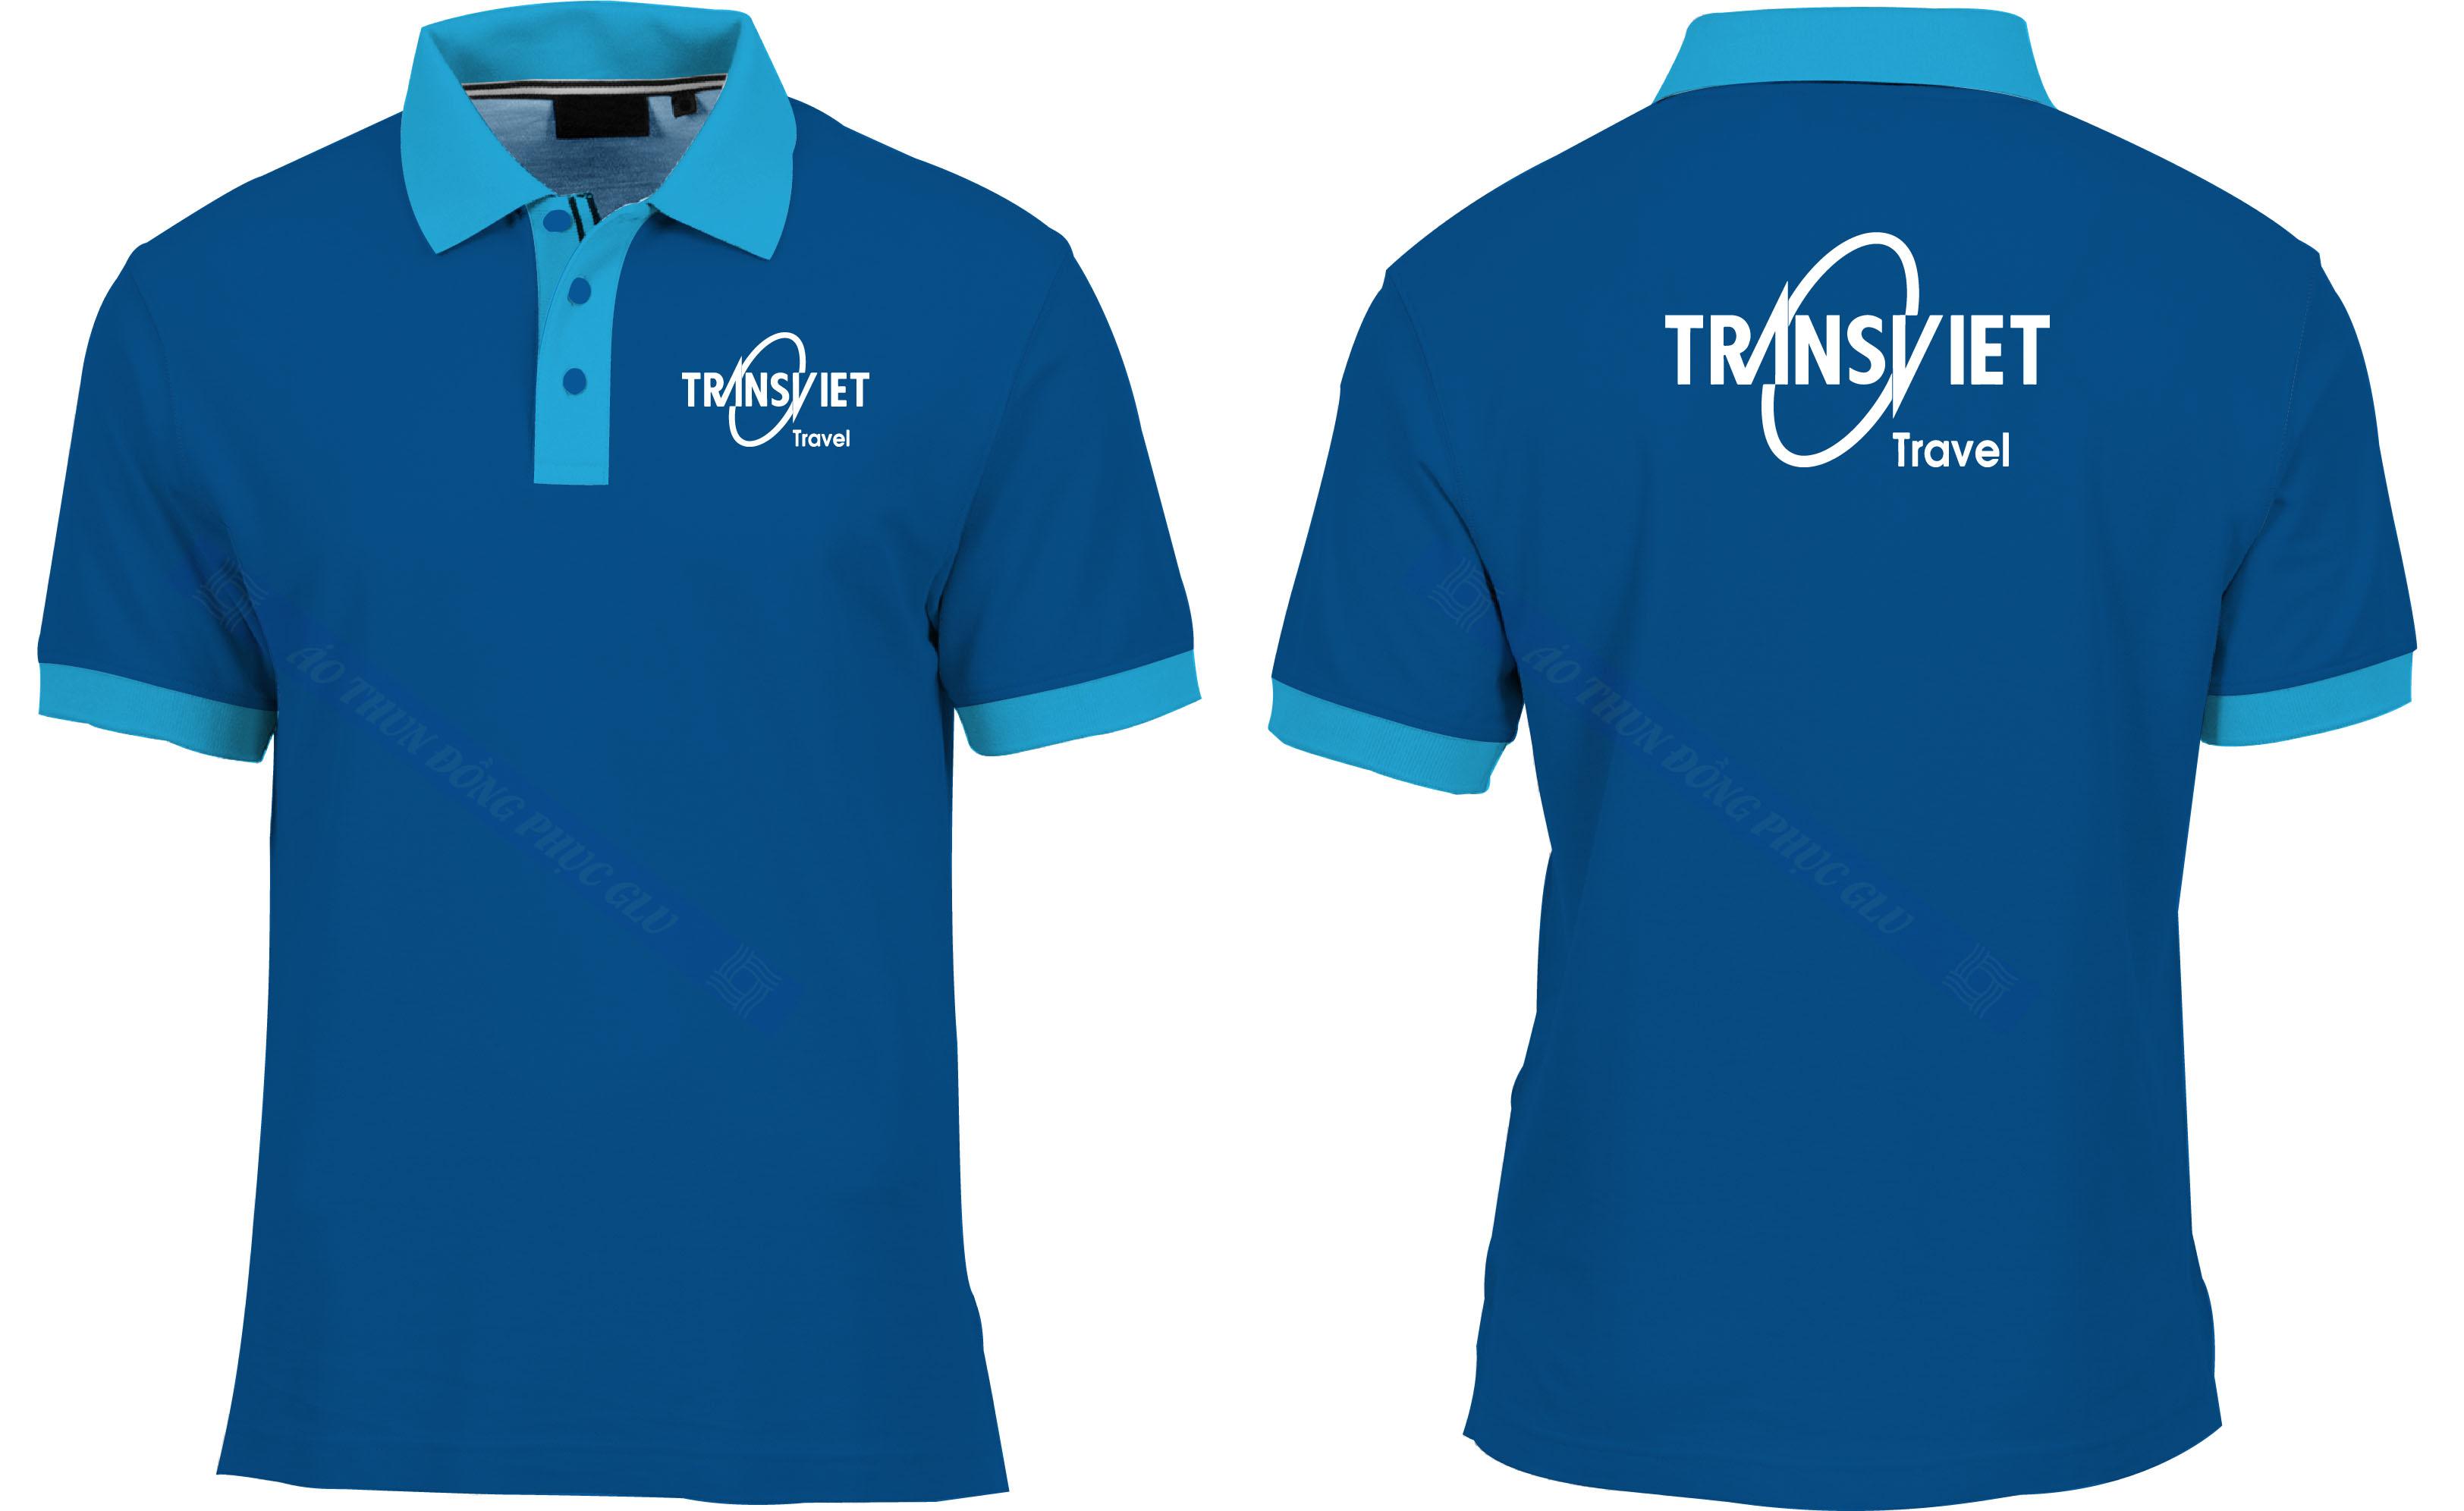 AO THUN TRANVIET TRAVEL đồng phục công ty đẹp